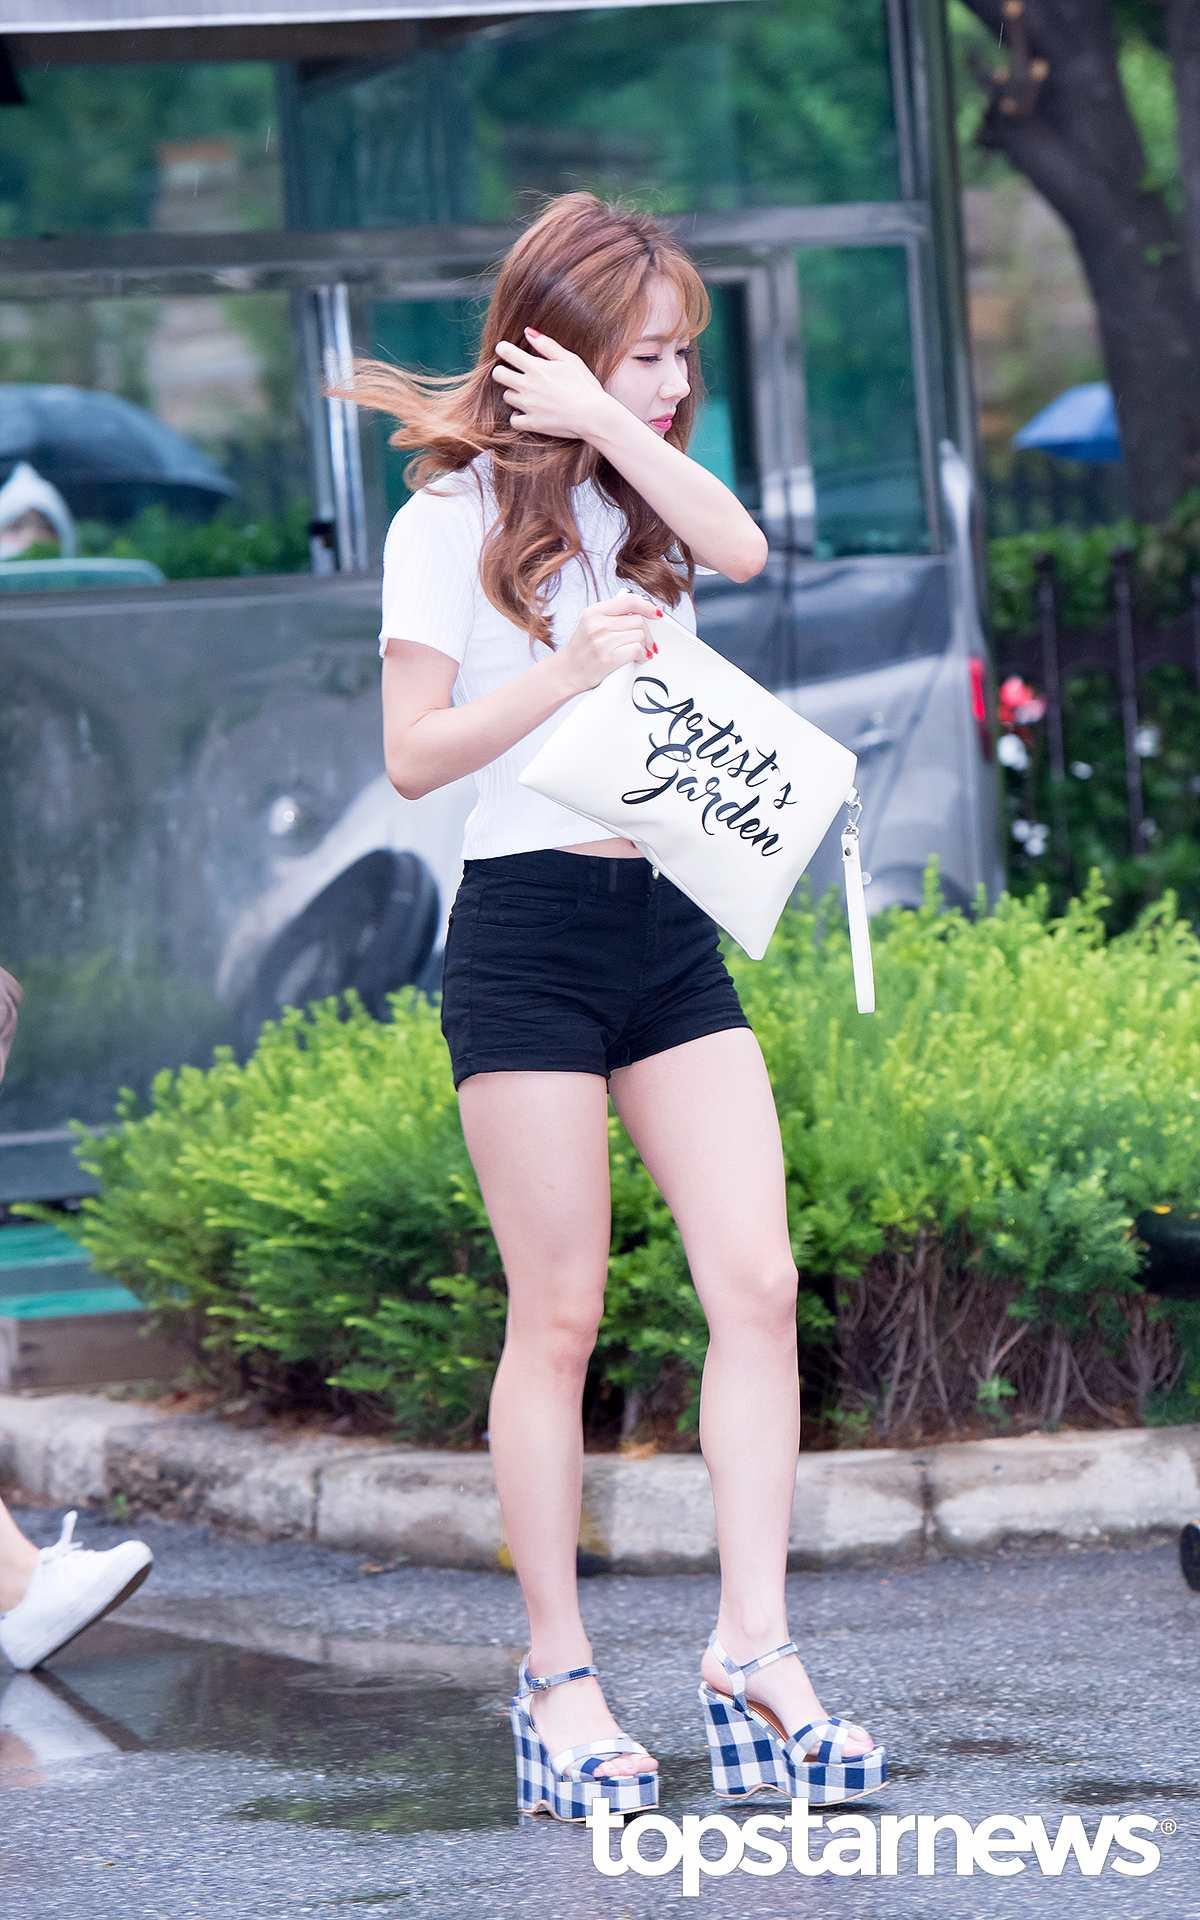 除了最常穿的丹寧短褲,黑色短褲也很配白T。好身材的女孩可以選一件修身的短板白T來搭高腰短褲。